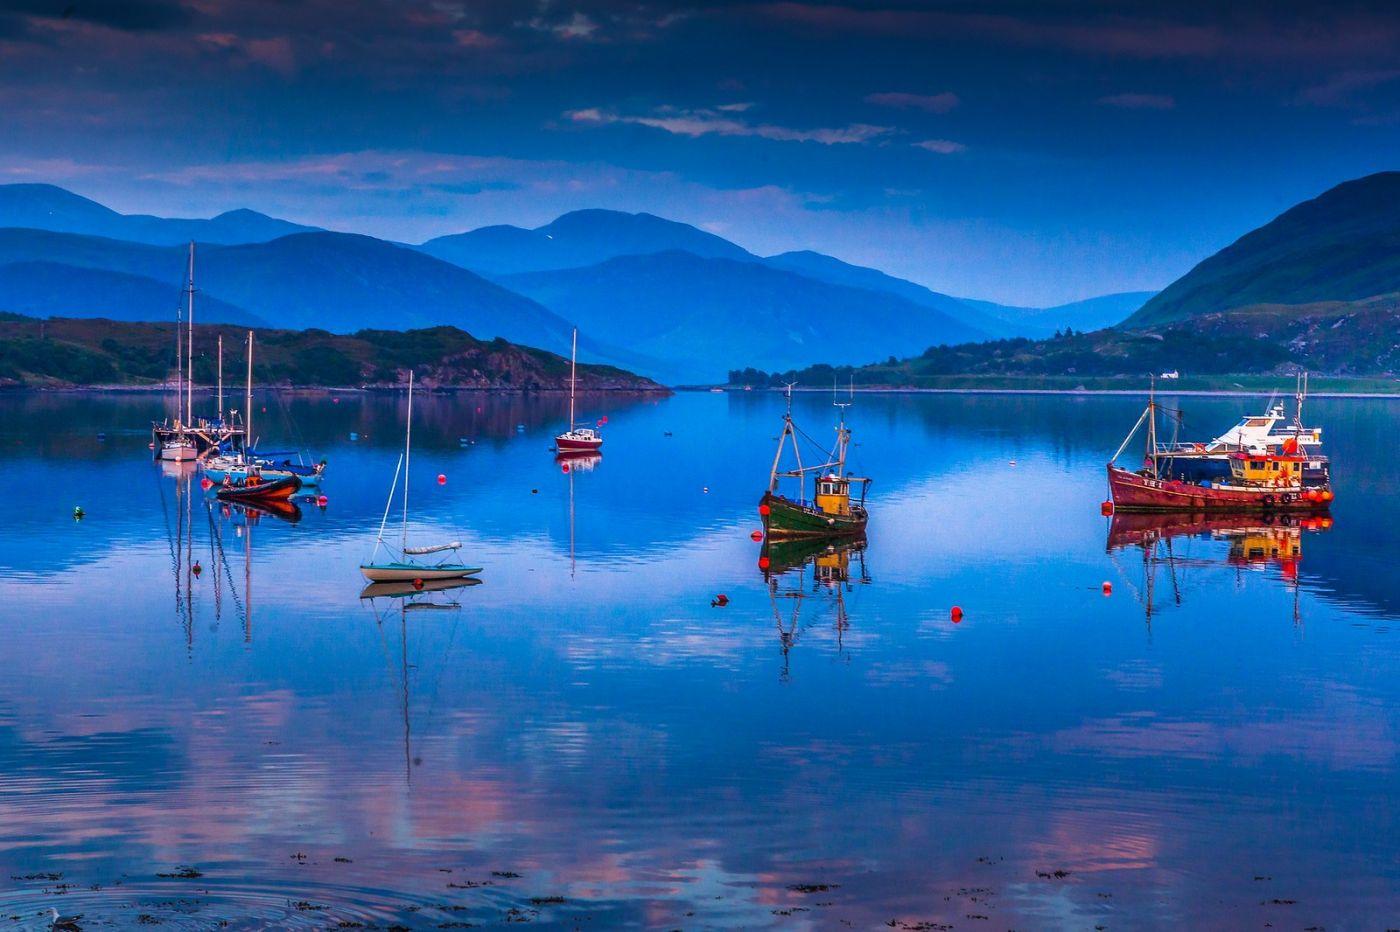 苏格兰阿勒浦(Ullapool),如镜的湖面_图1-1